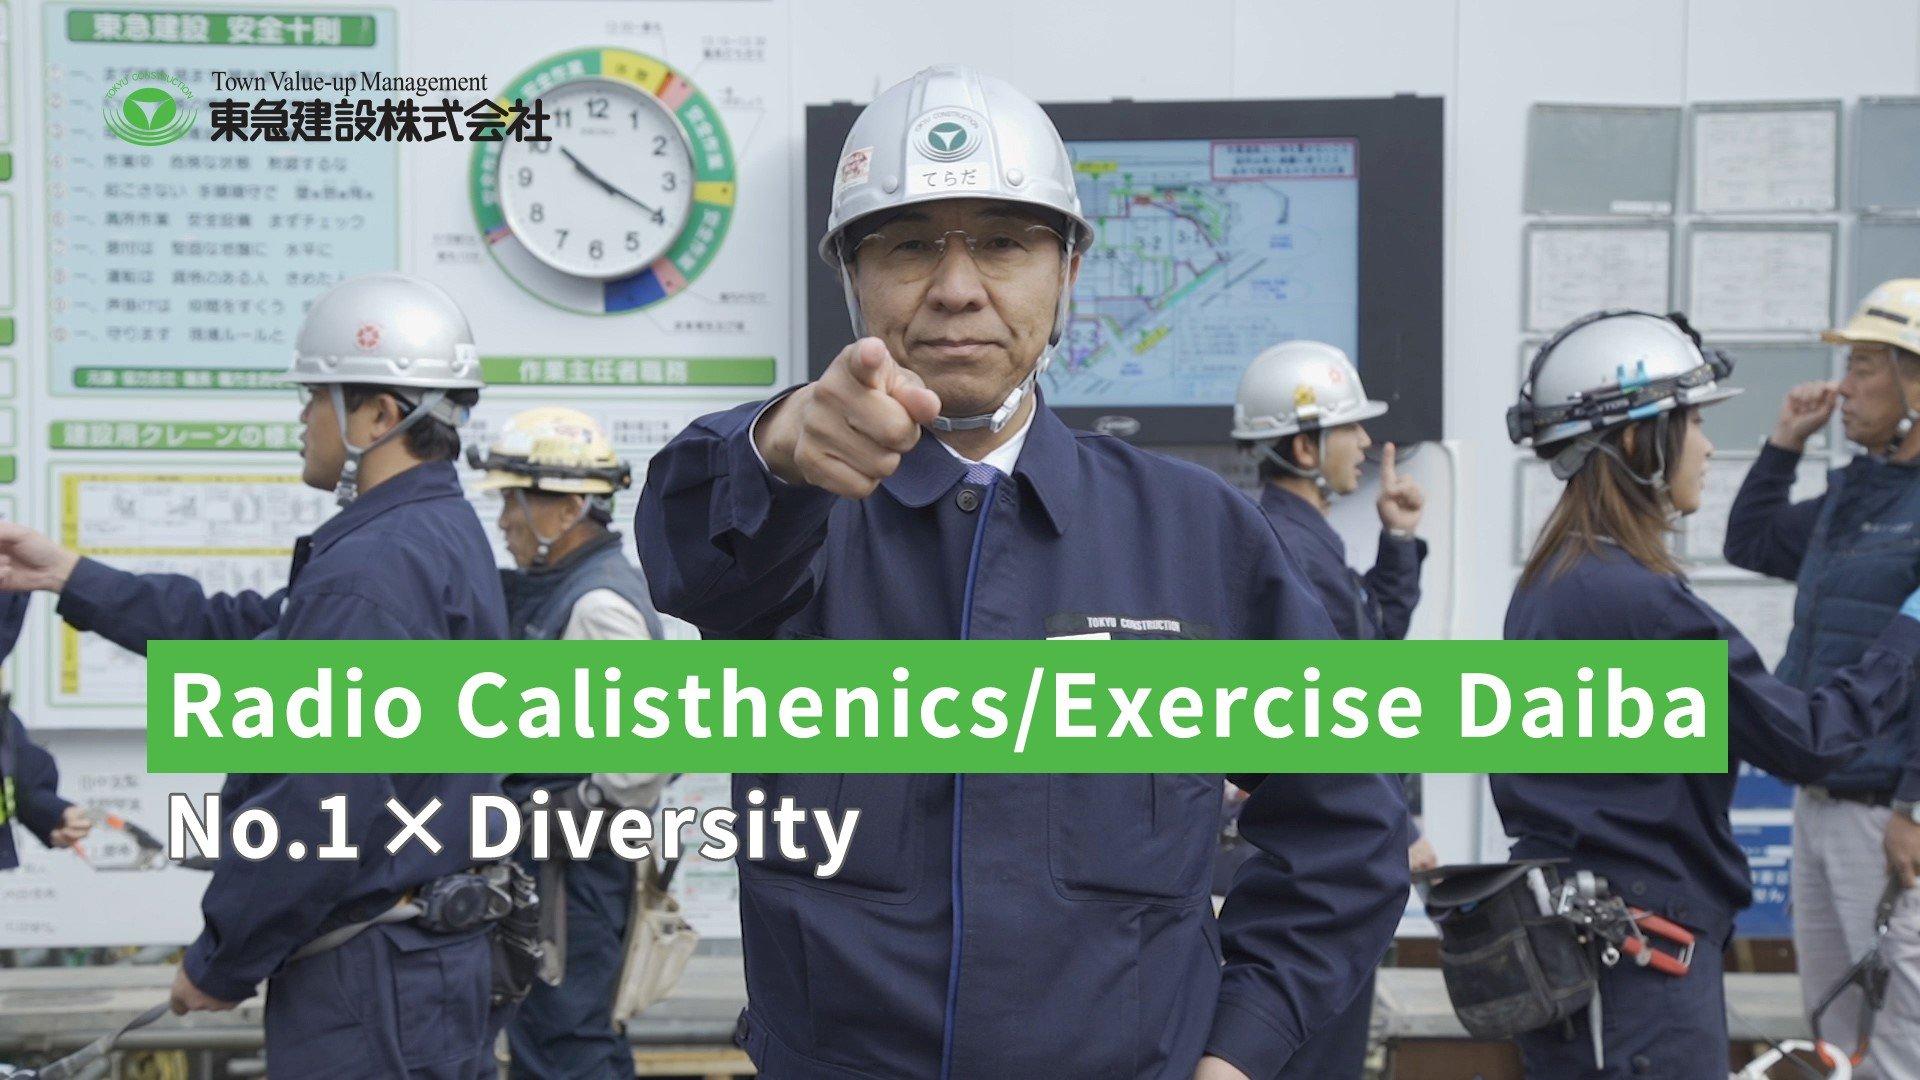 Radio Calisthenics/Exercise Daiba (No. 1 × Diversity)